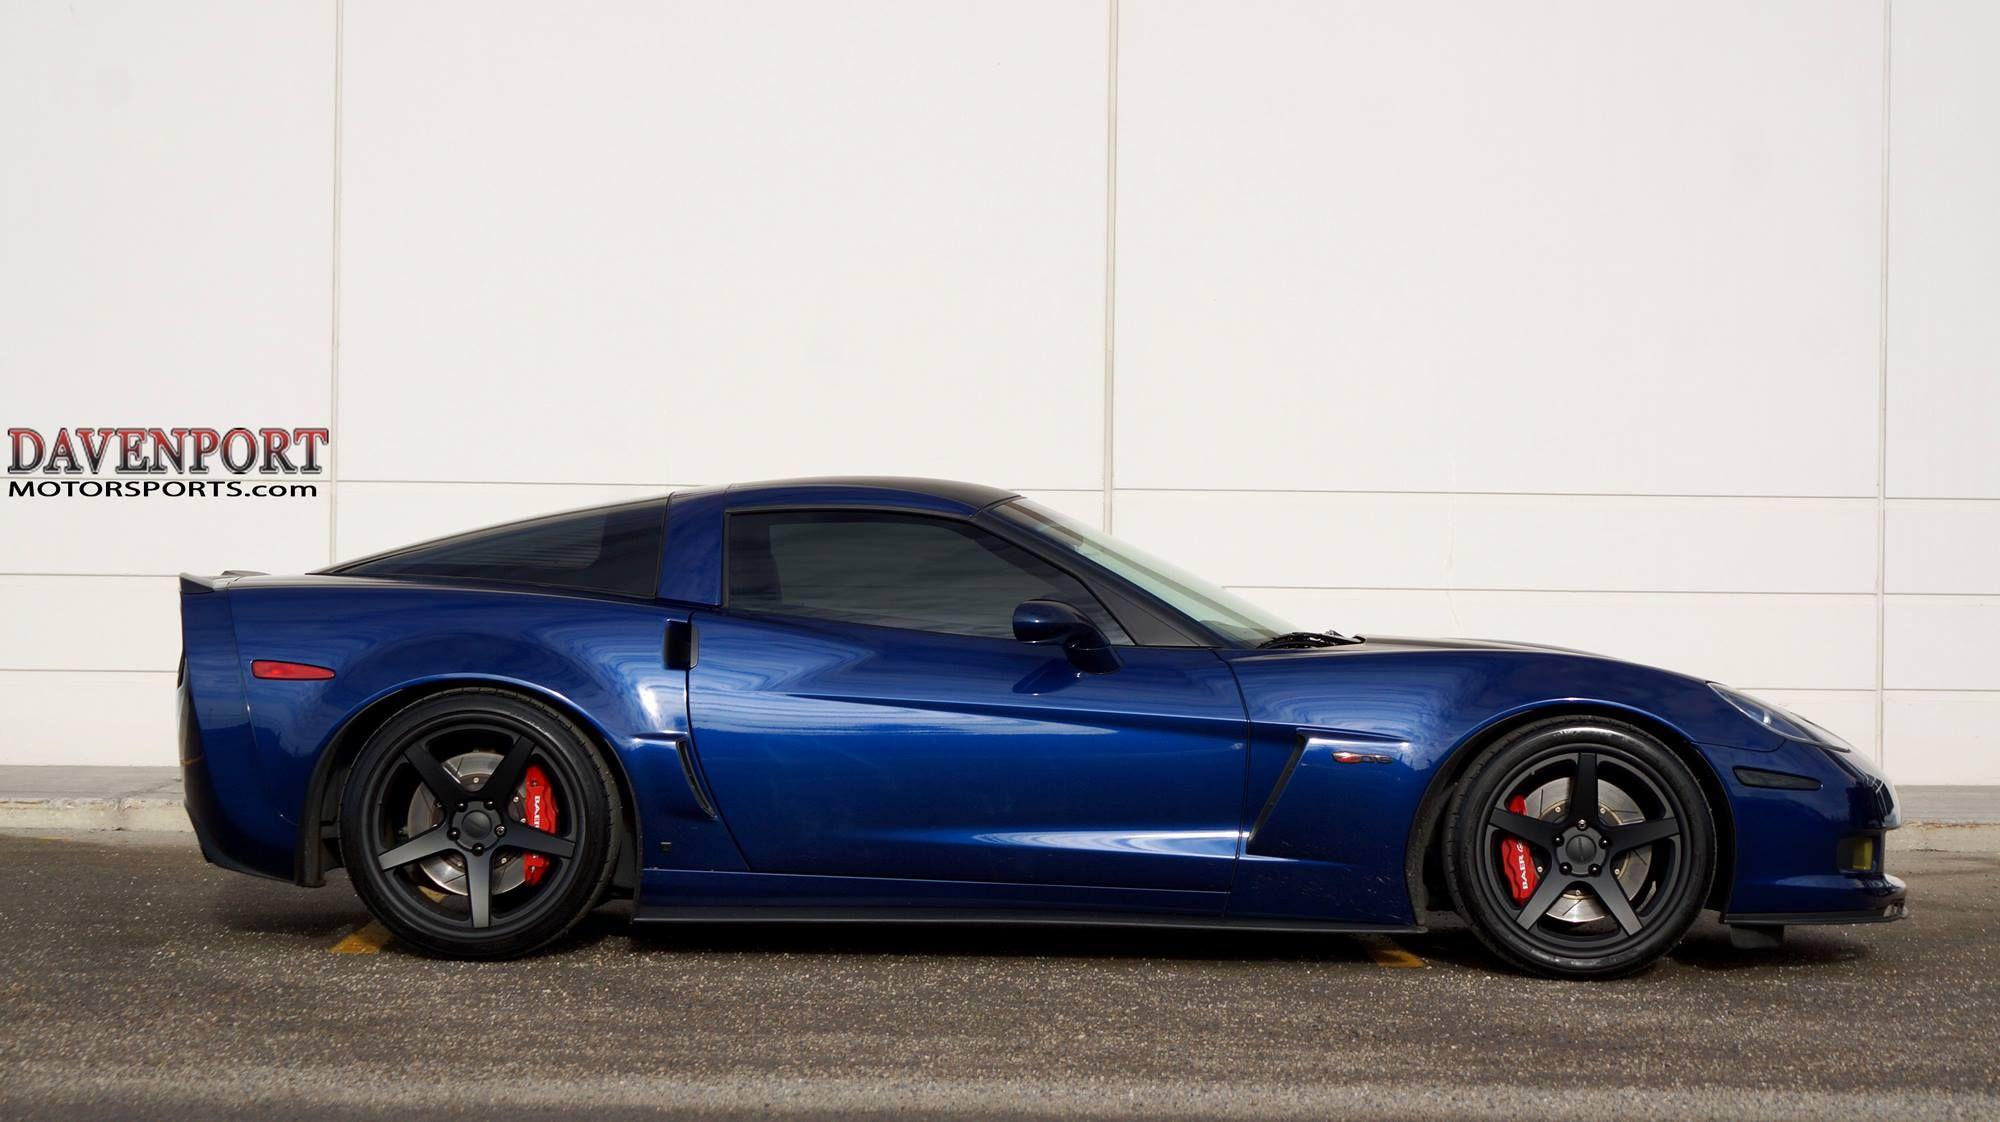 Davenport Motorsports built this C6 Corvette Z06 with